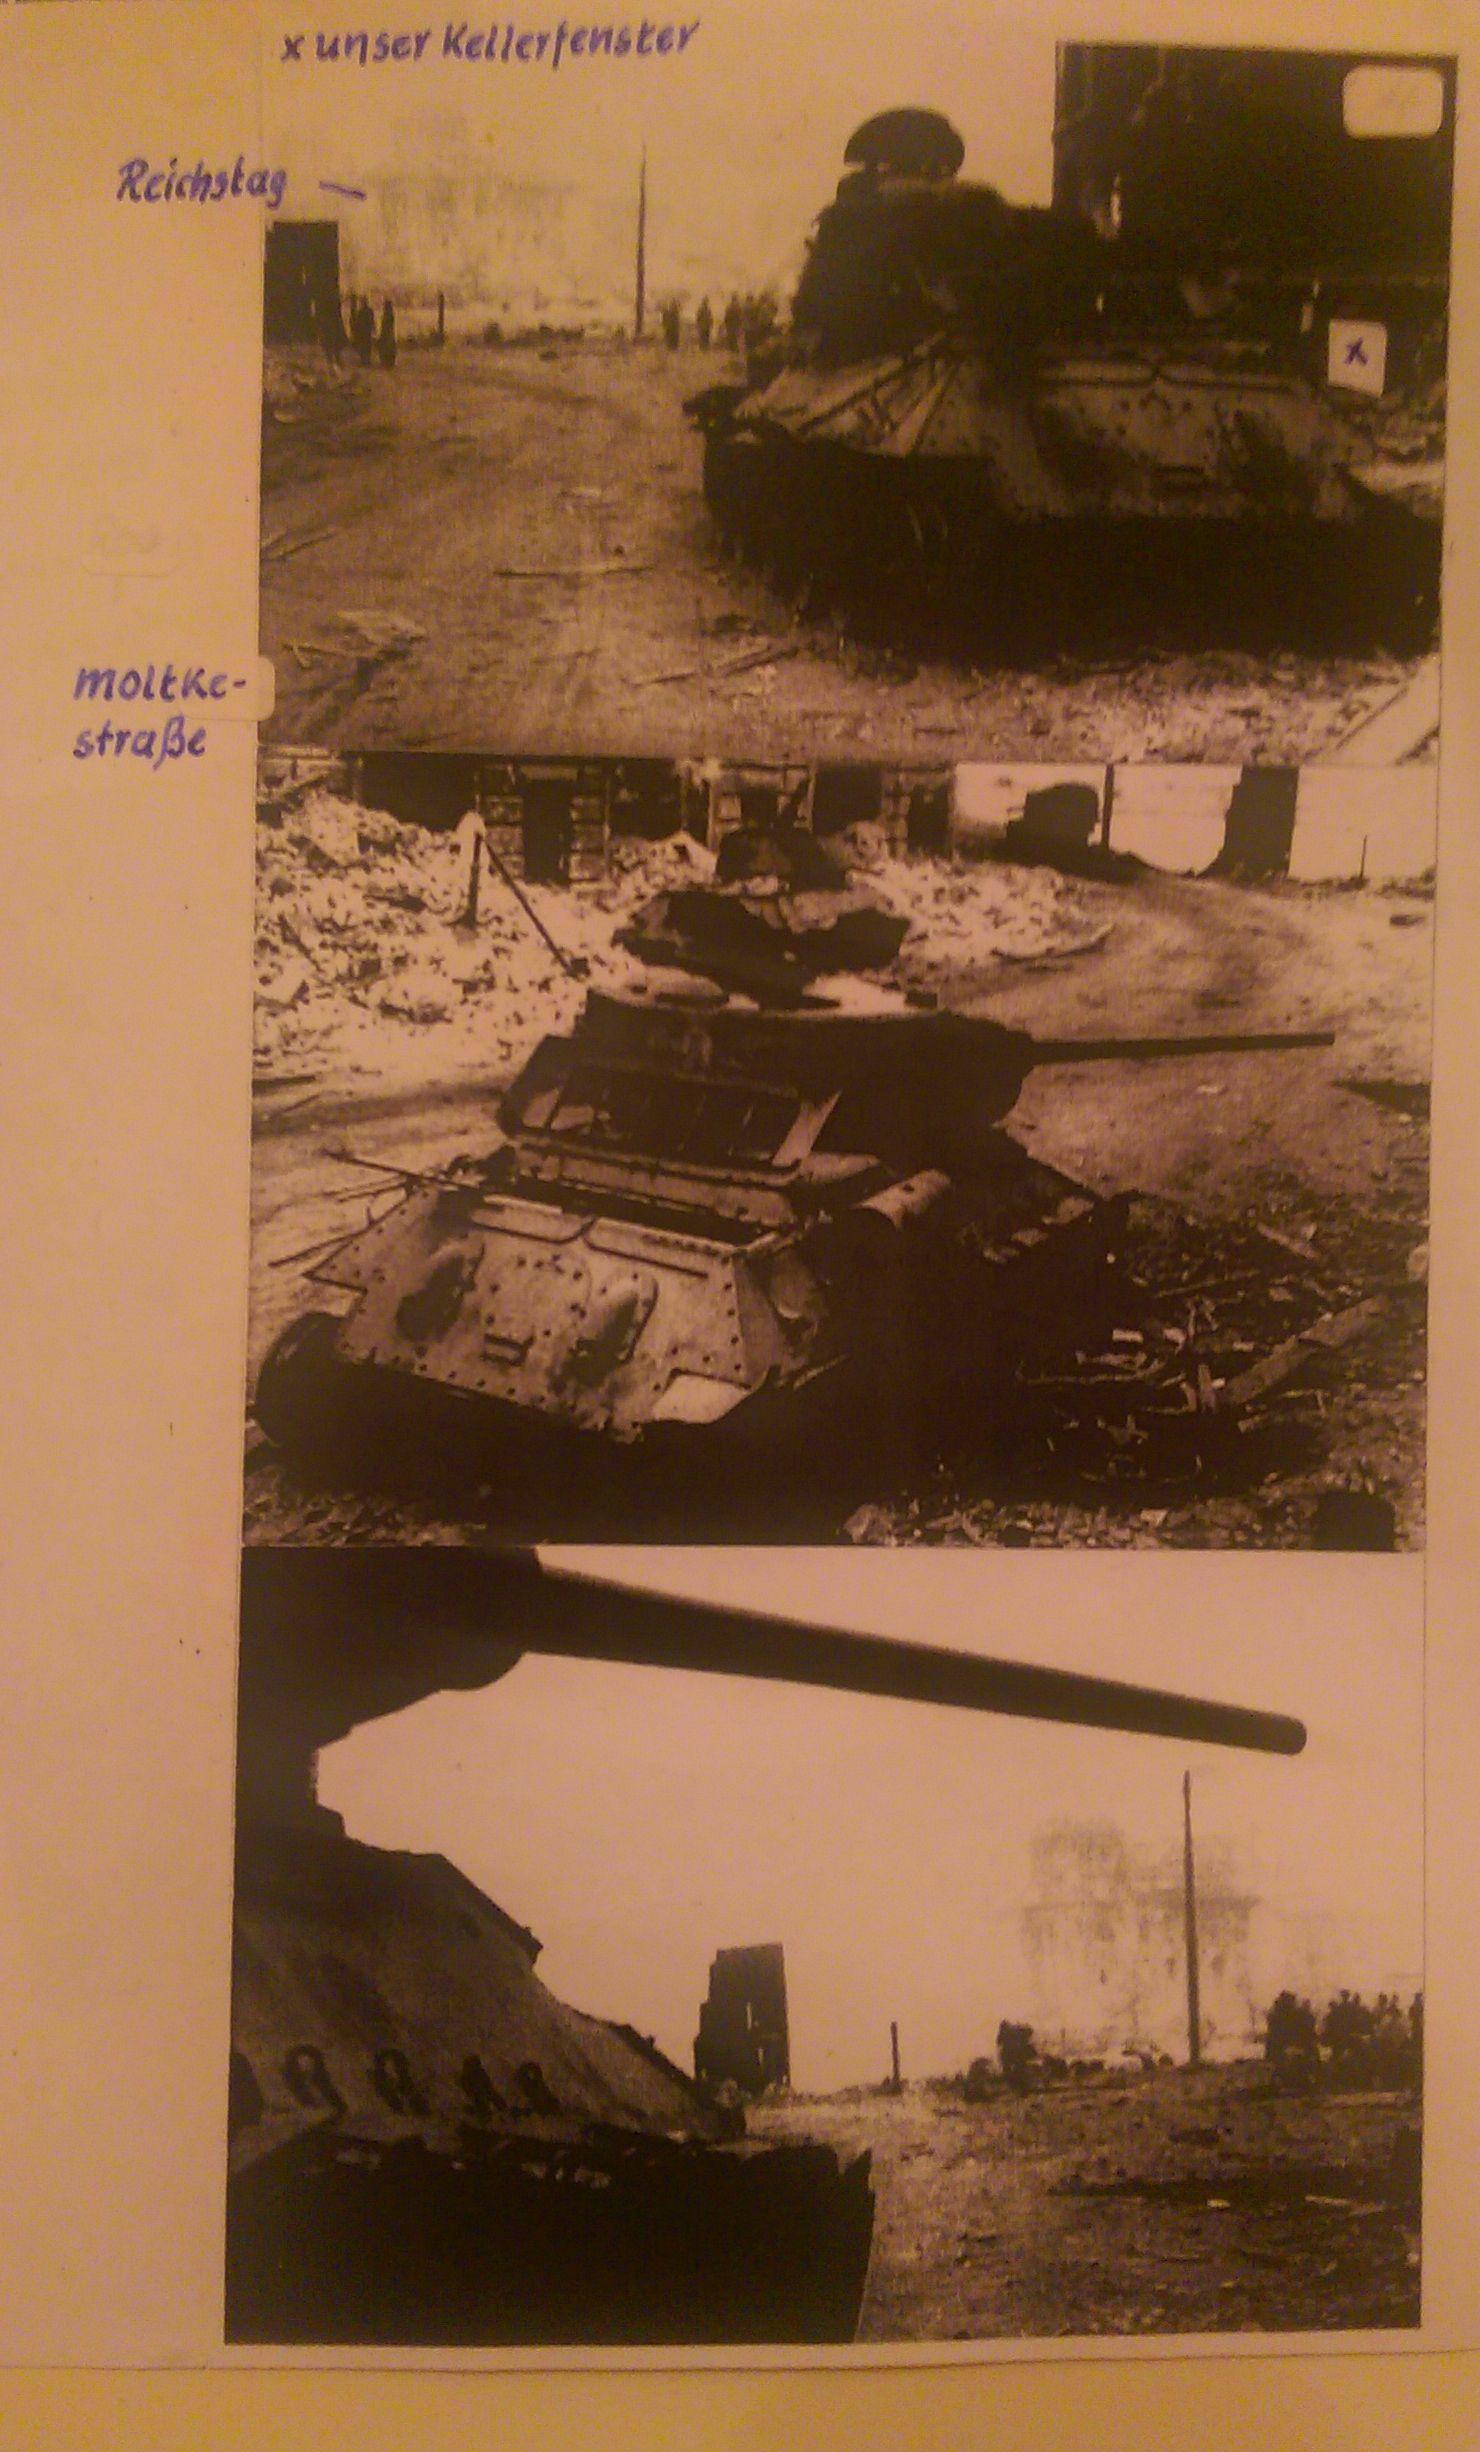 der von Ernst und seinen Kameraden abgeschossene russische Panzer